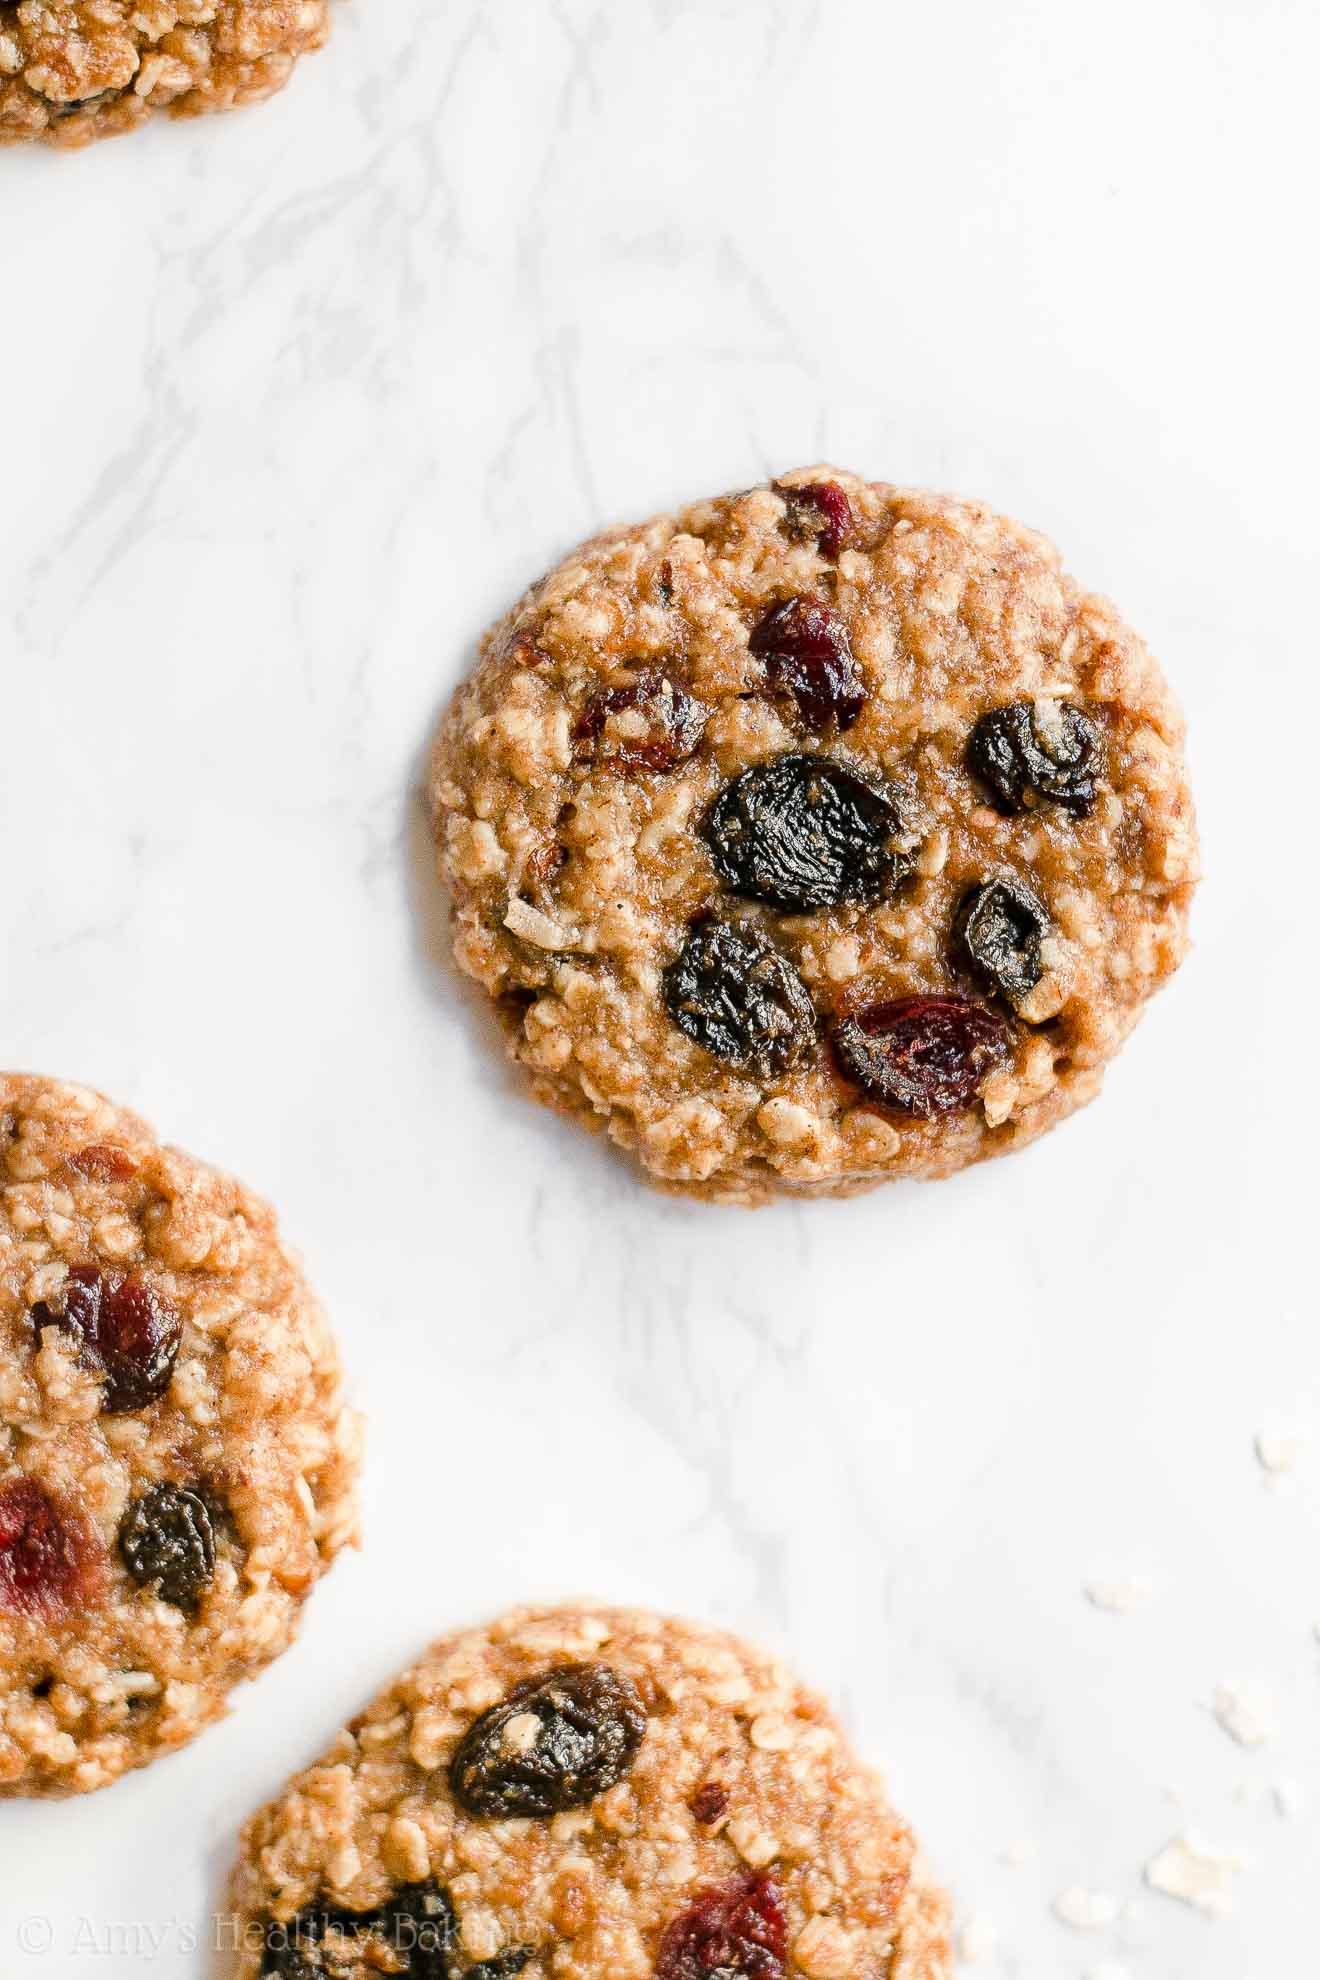 harvest cookies 5385 - Wholesome Harvest Cookies